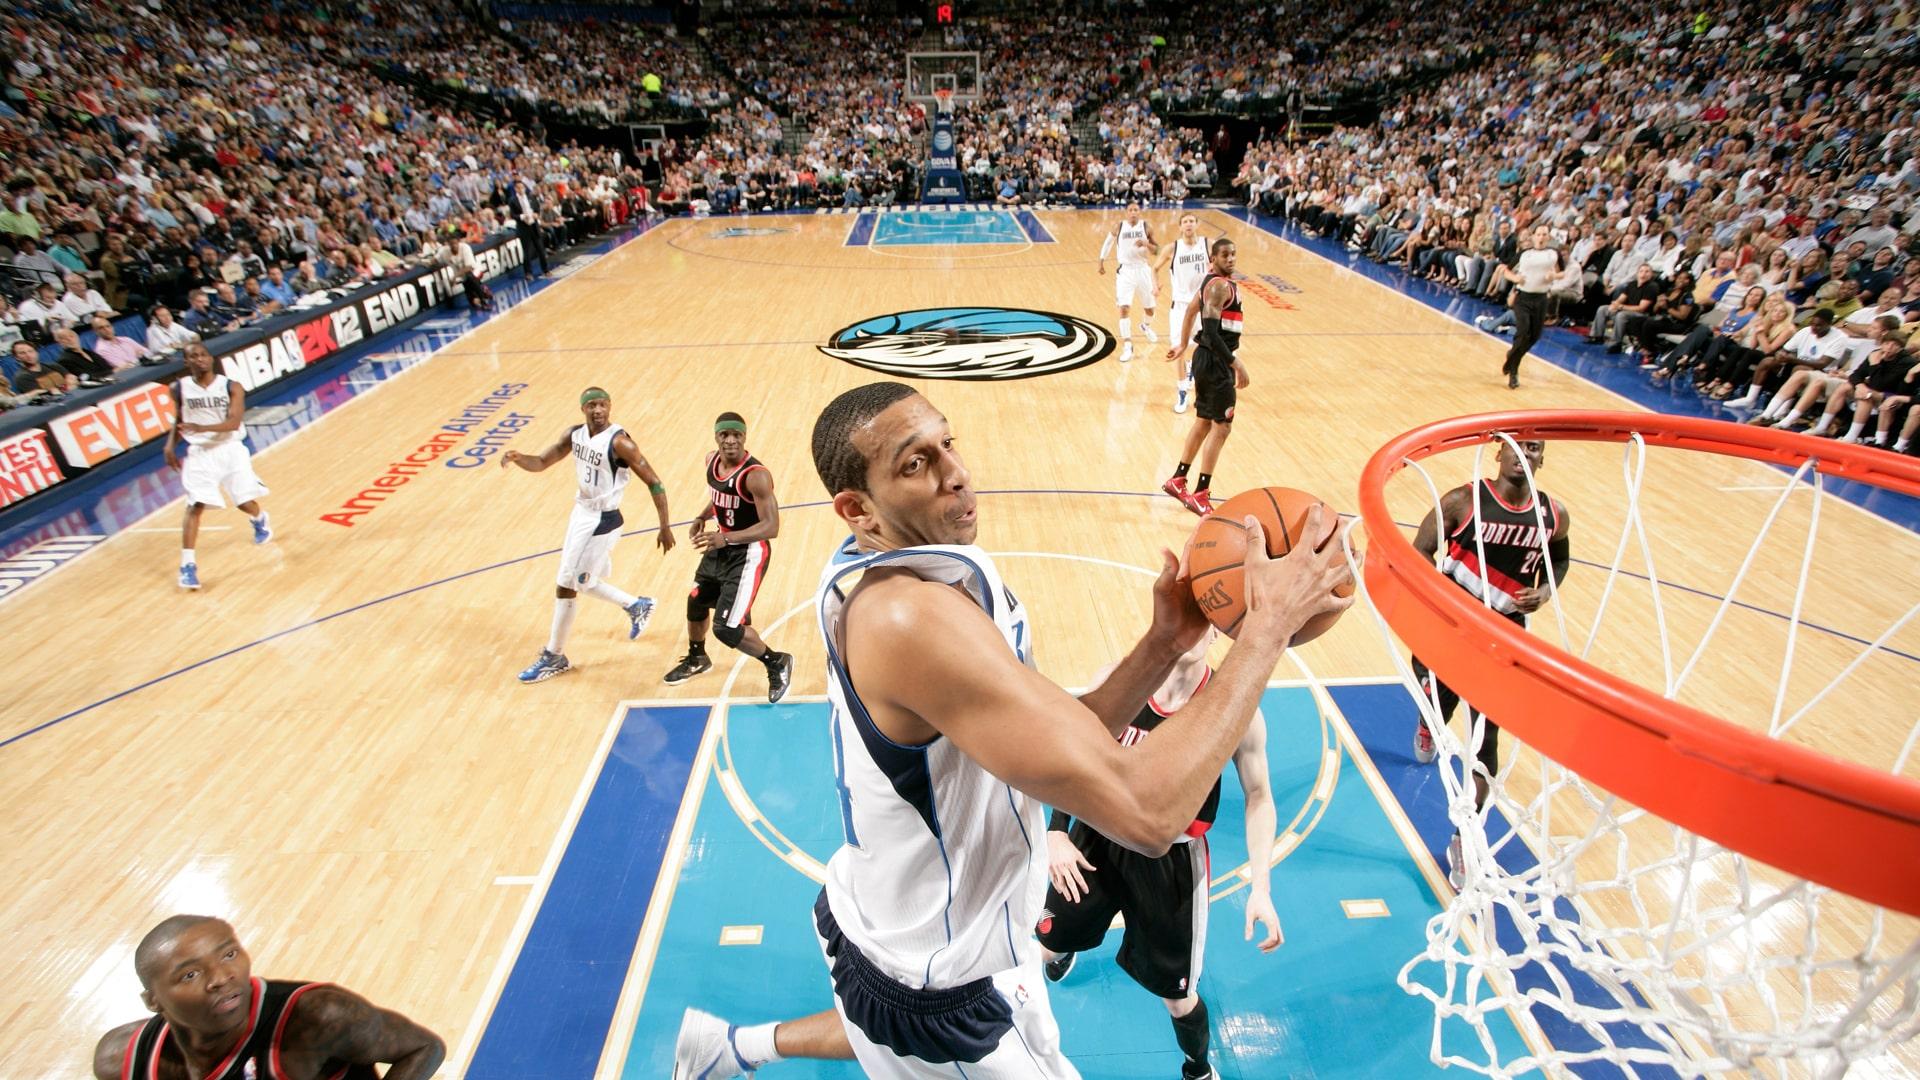 Campamento de inglés y baloncesto de los Dallas Mavericks NBA, Estados Unidos